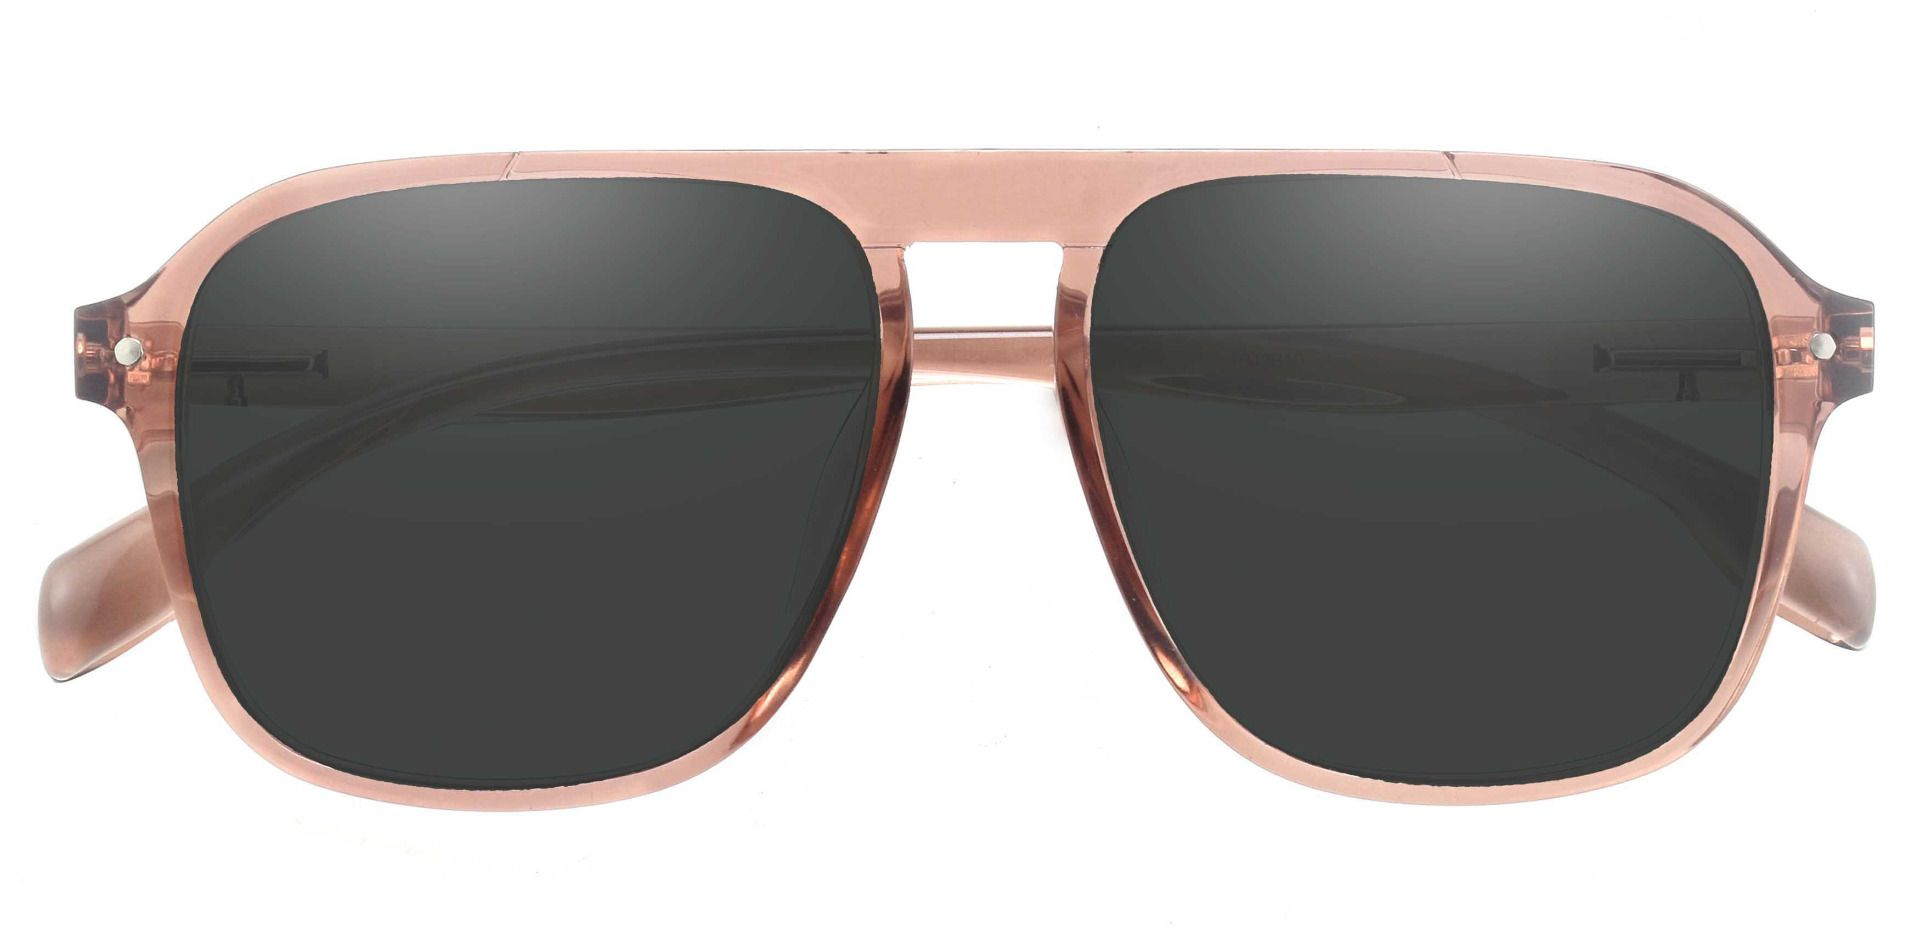 Gideon Aviator Progressive Sunglasses - Brown Frame With Gray Lenses